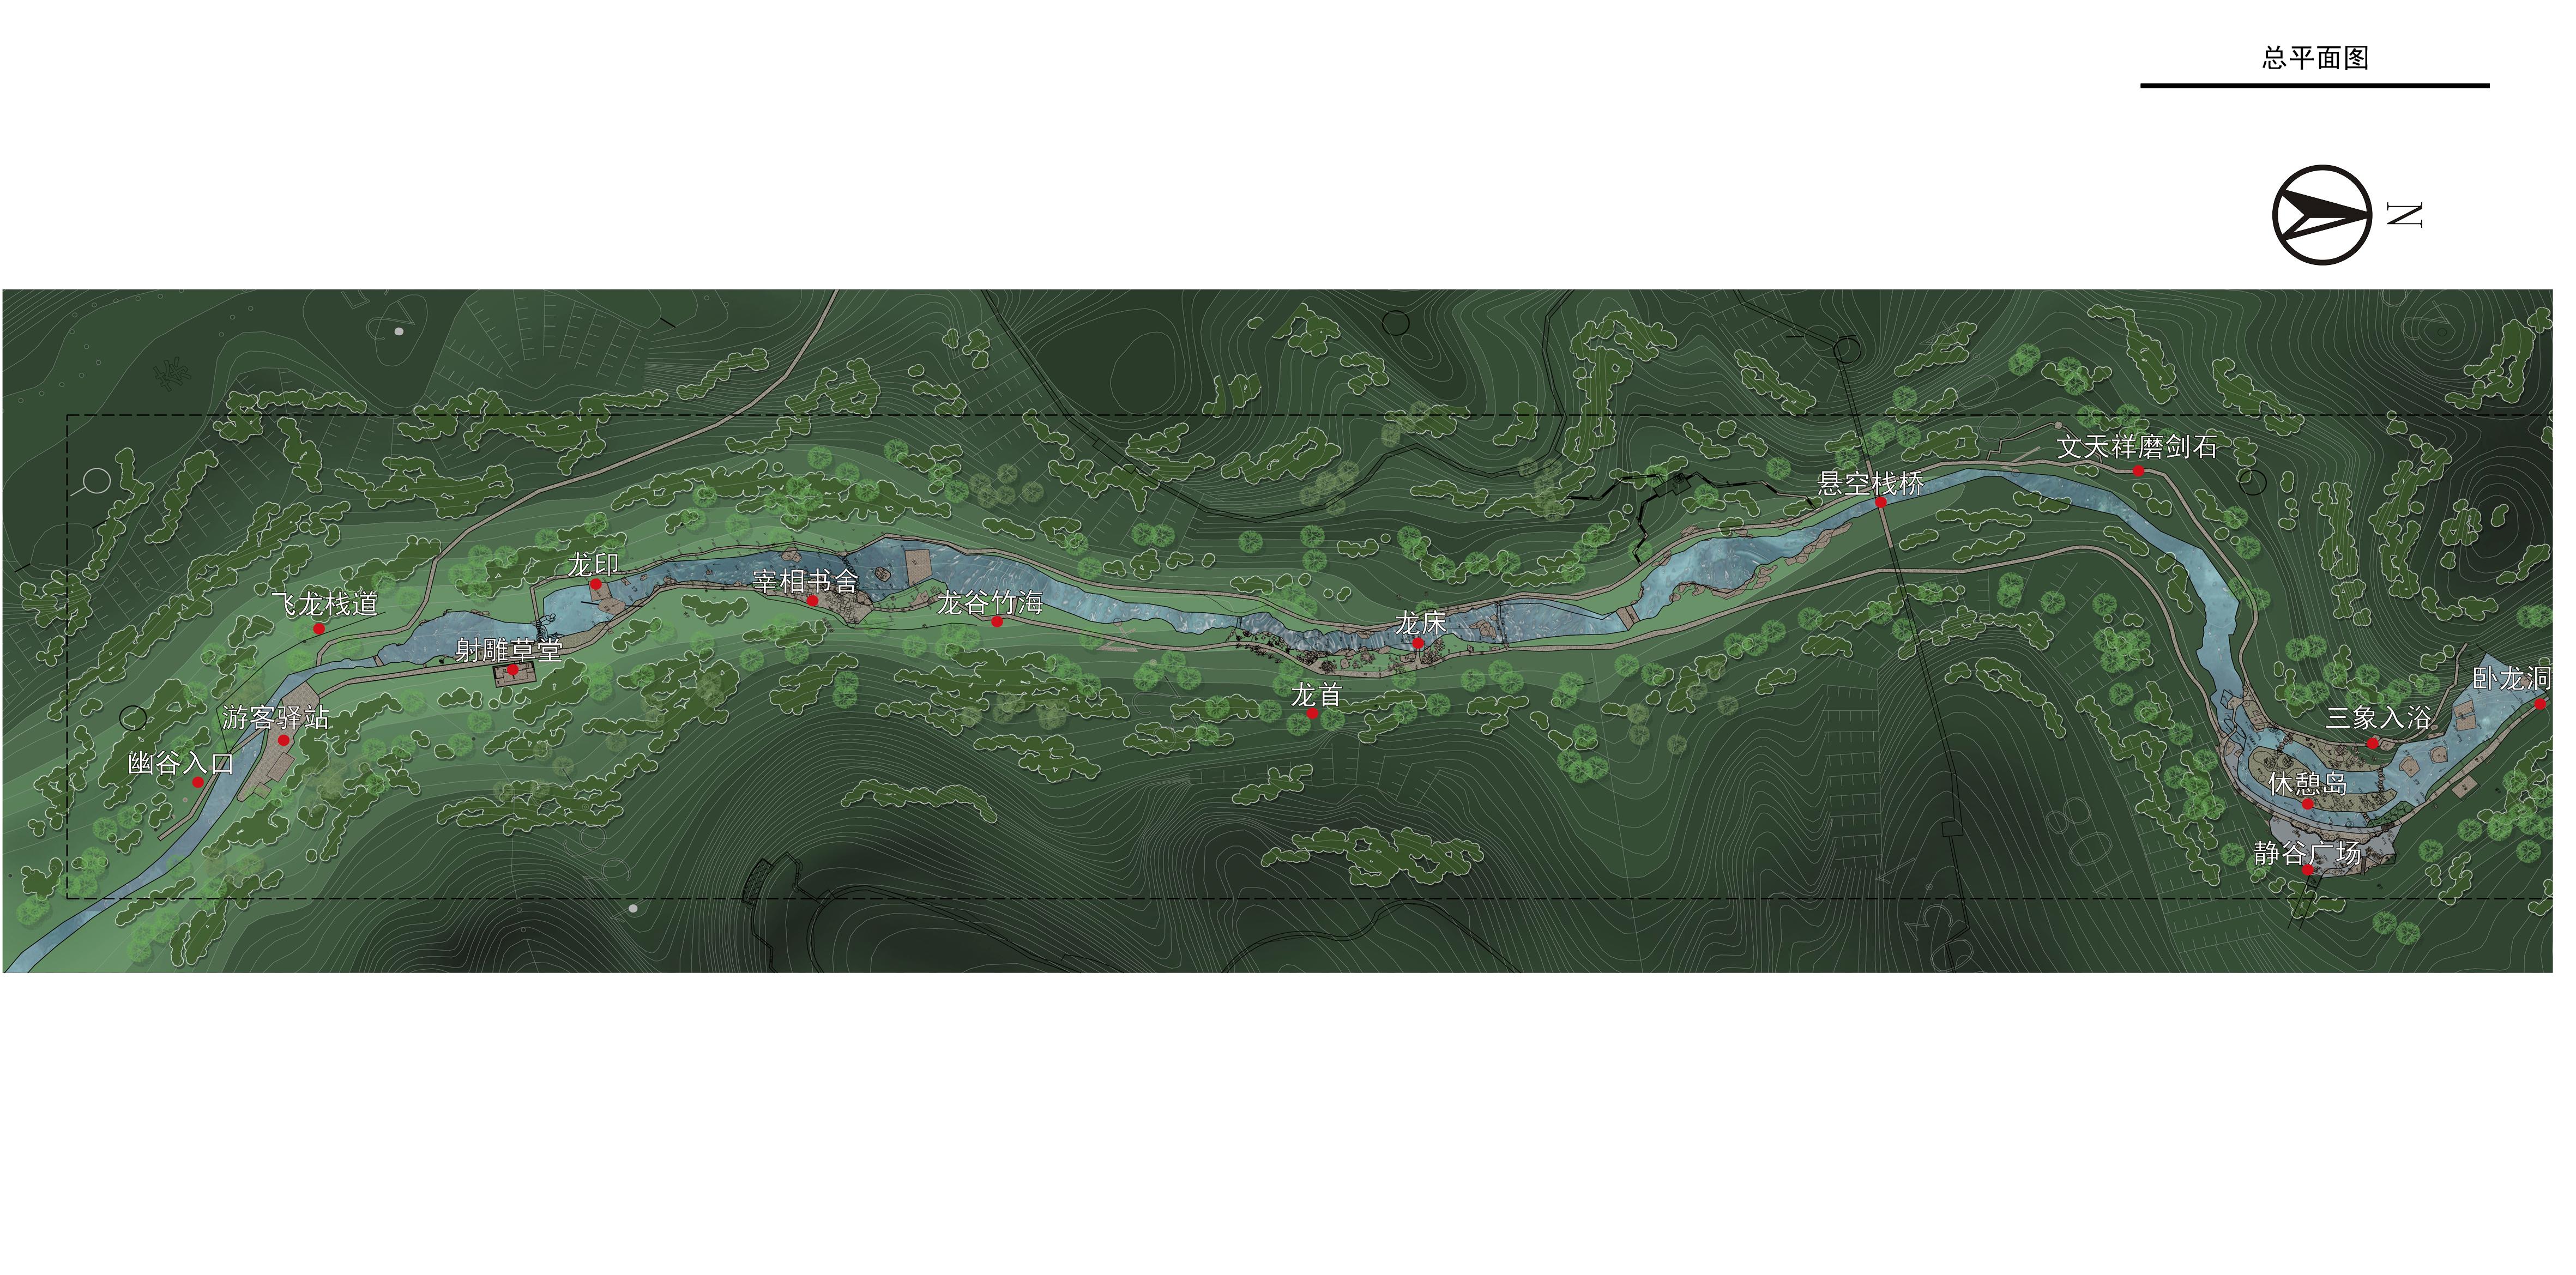 千丈幽谷景观提升设计_页面_23